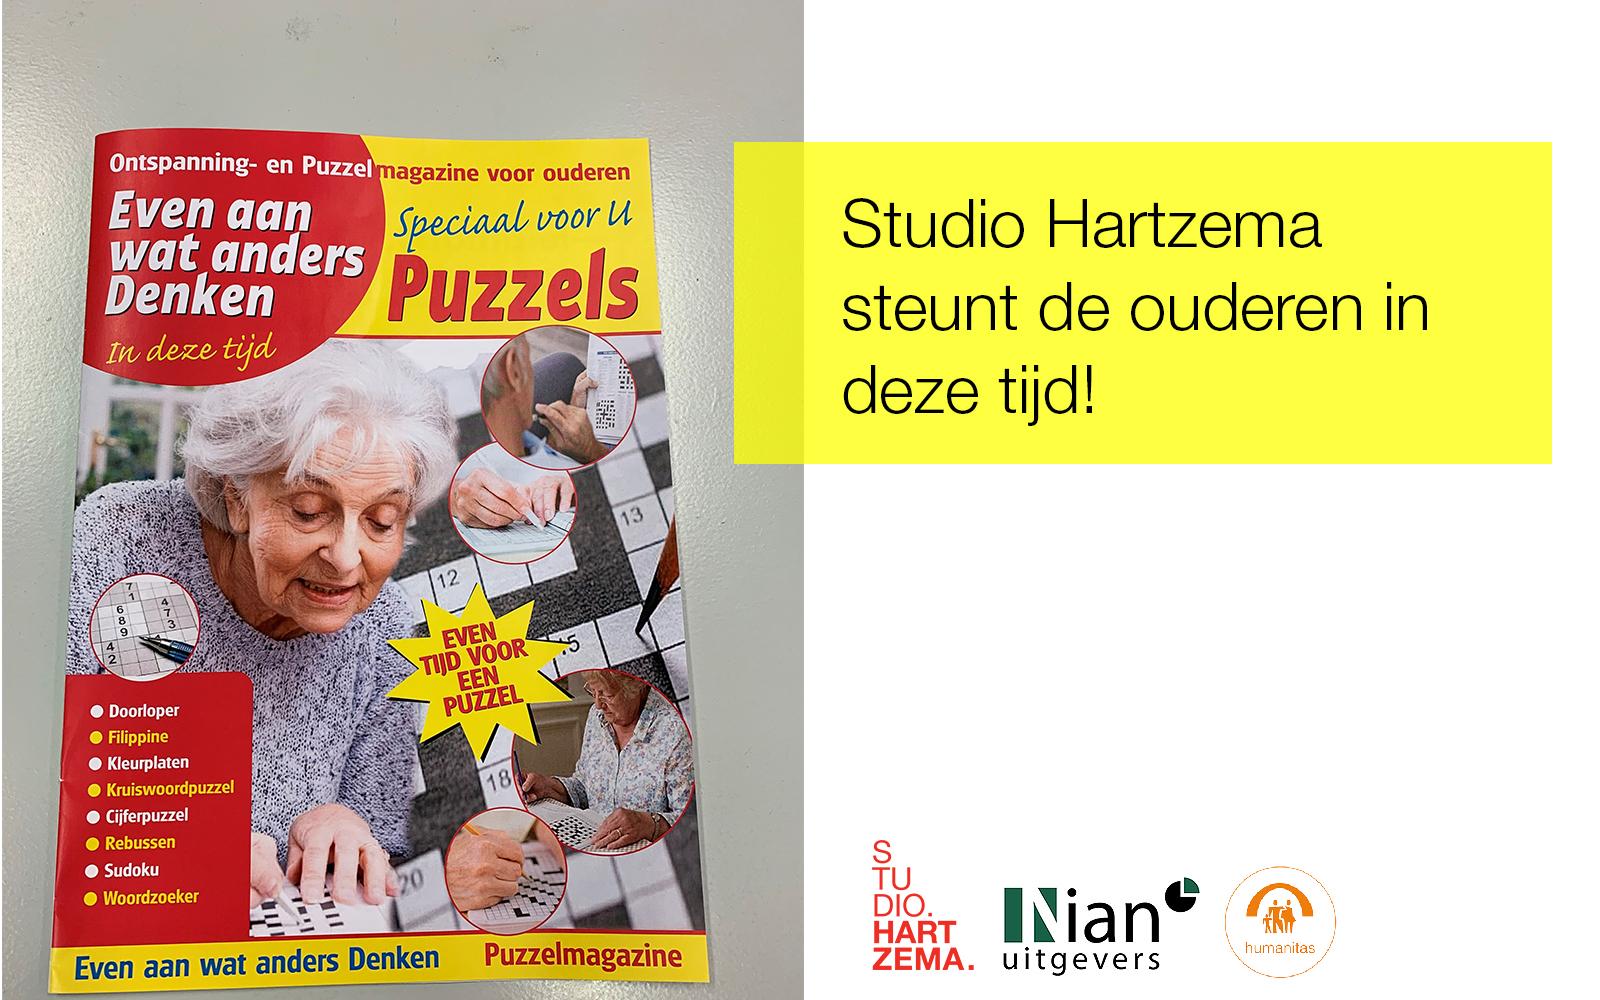 Studio Hartzema steunt de ouderen